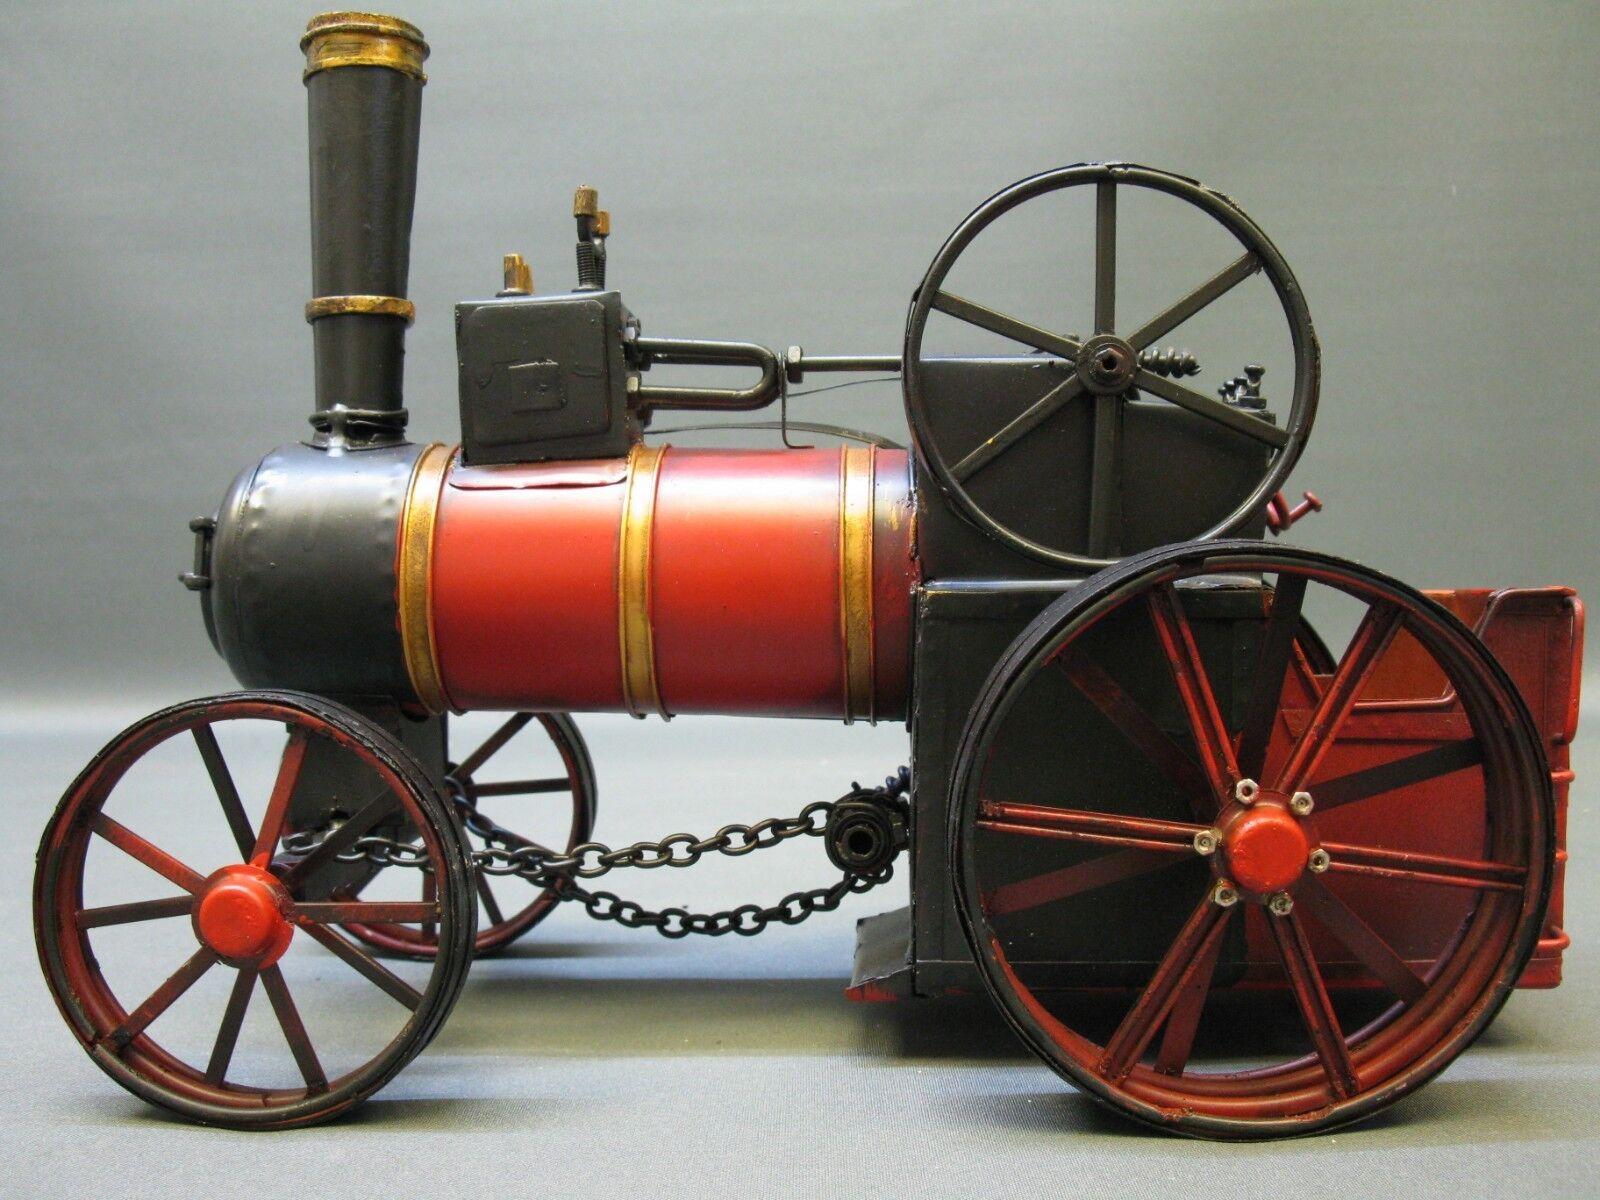 Blech Modellauto Dampftraktor Dampftraktor Dampftraktor Traktor Modell 30 cm 1,3 Kg schwer 684222